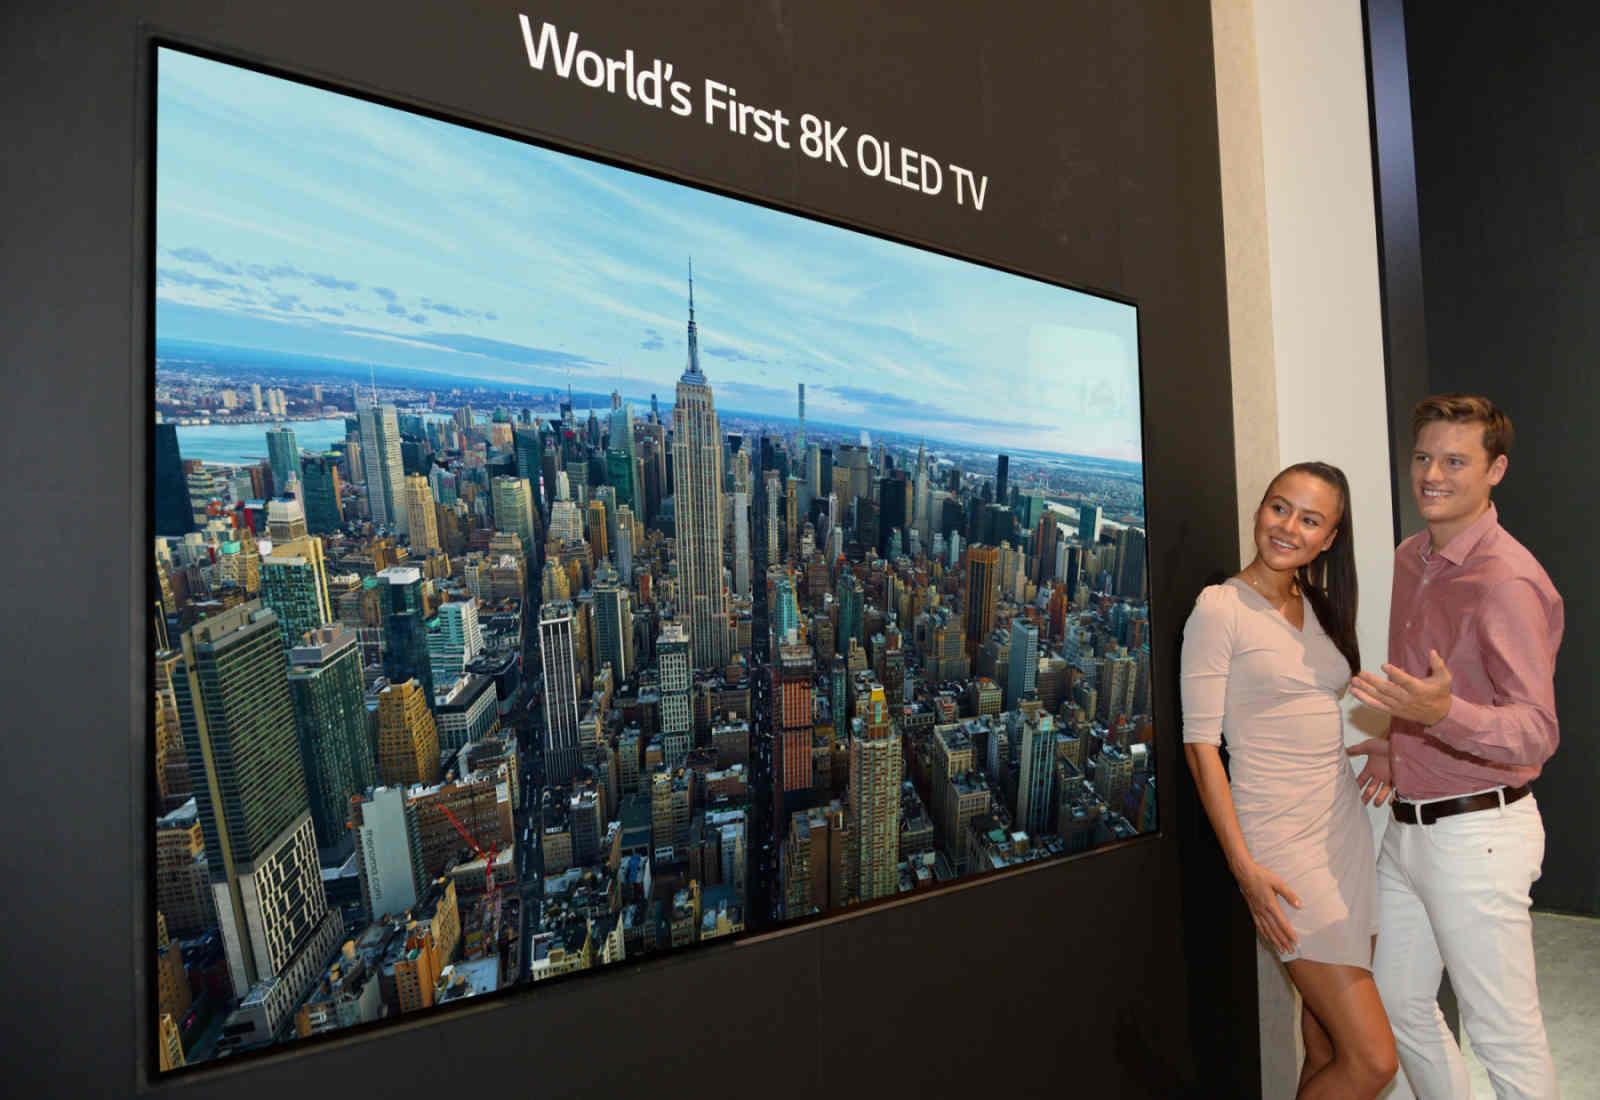 TV OLED bị lỗi có thể gây hại cho sức khỏe, LG tiếp tục thu hồi ở Trung Quốc